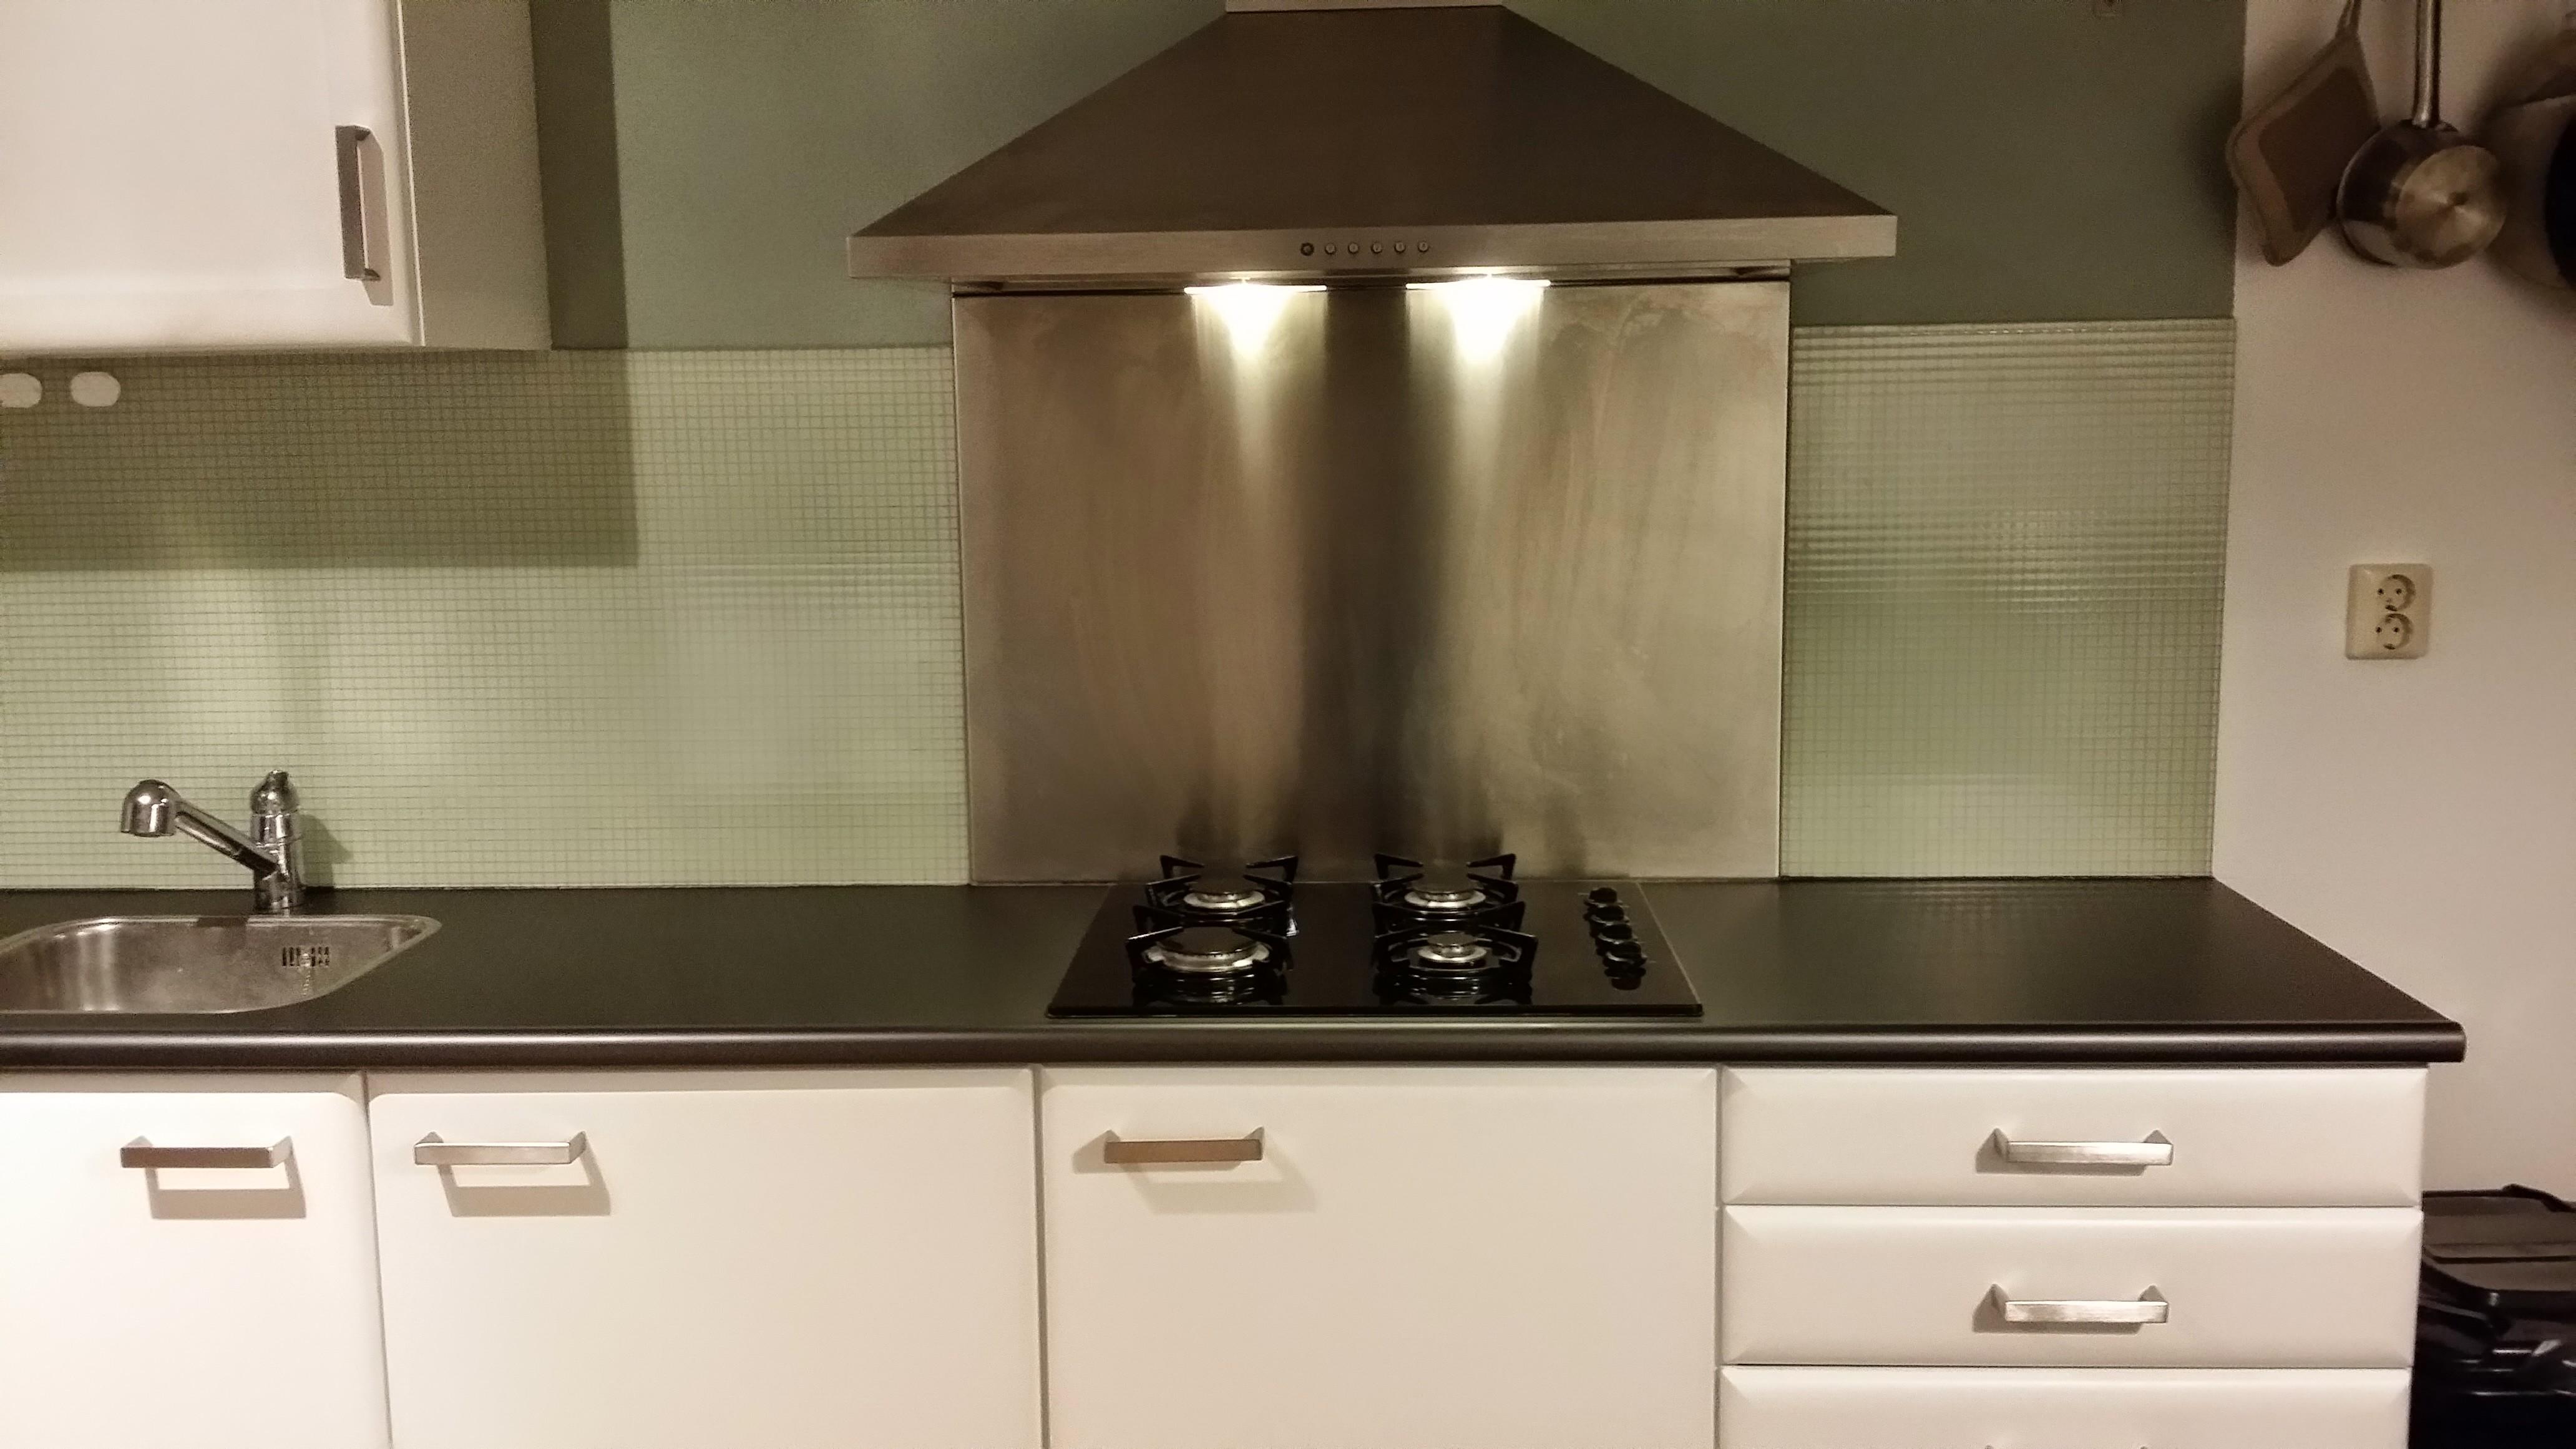 Keuken – blauw/beuken naar mat wit, inclusief metallic grijs ...